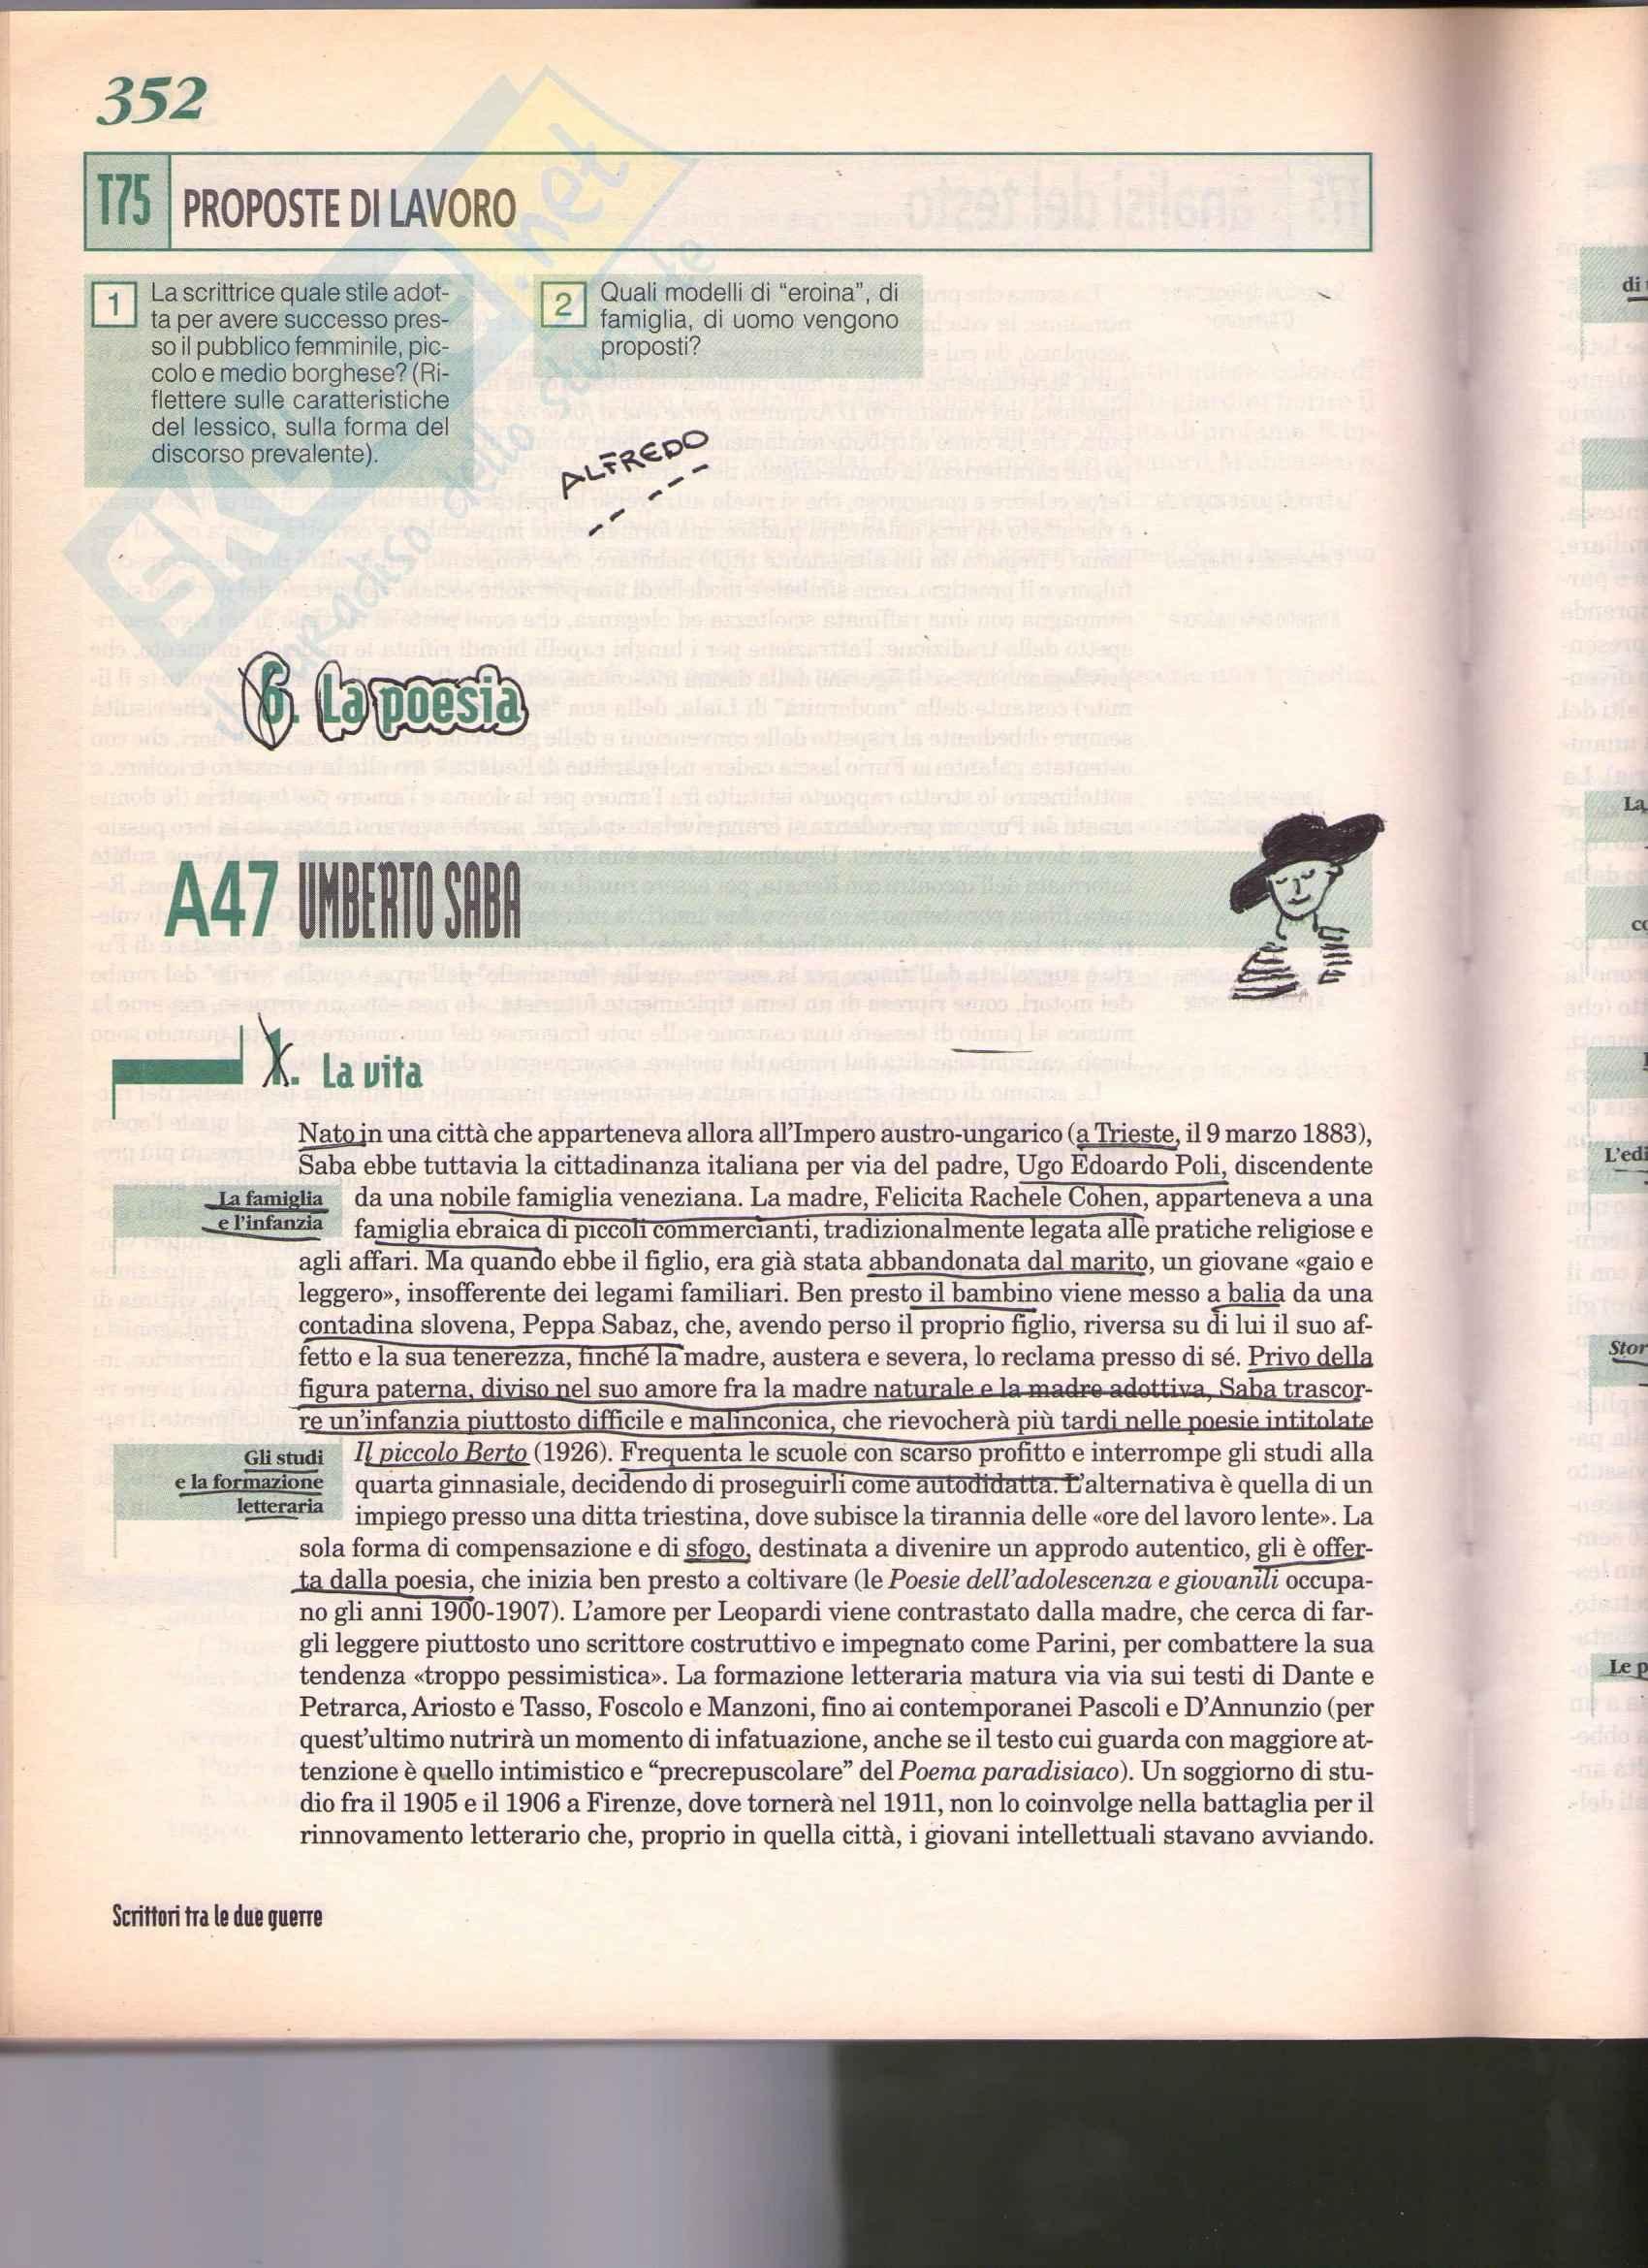 Letteratura italiana - Umberto Saba